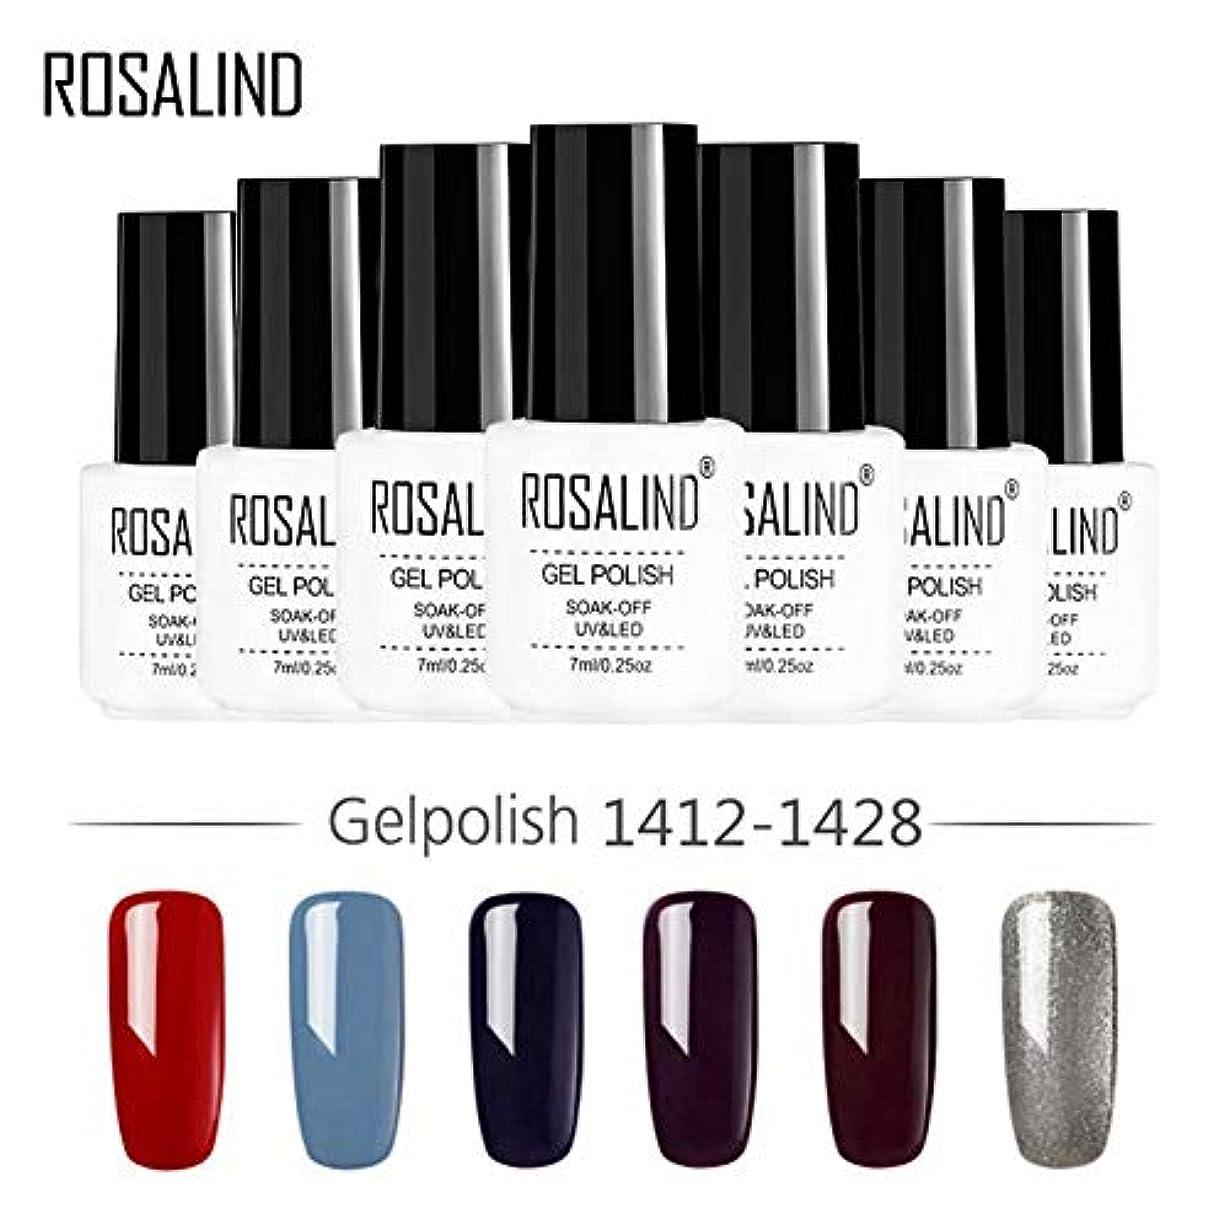 しっとり感性専門用語ネイルUVソリッドカラー、ブラシ先端スピード ブリリアント色のロングラスティングコレ メールスムーズ (RC1417)